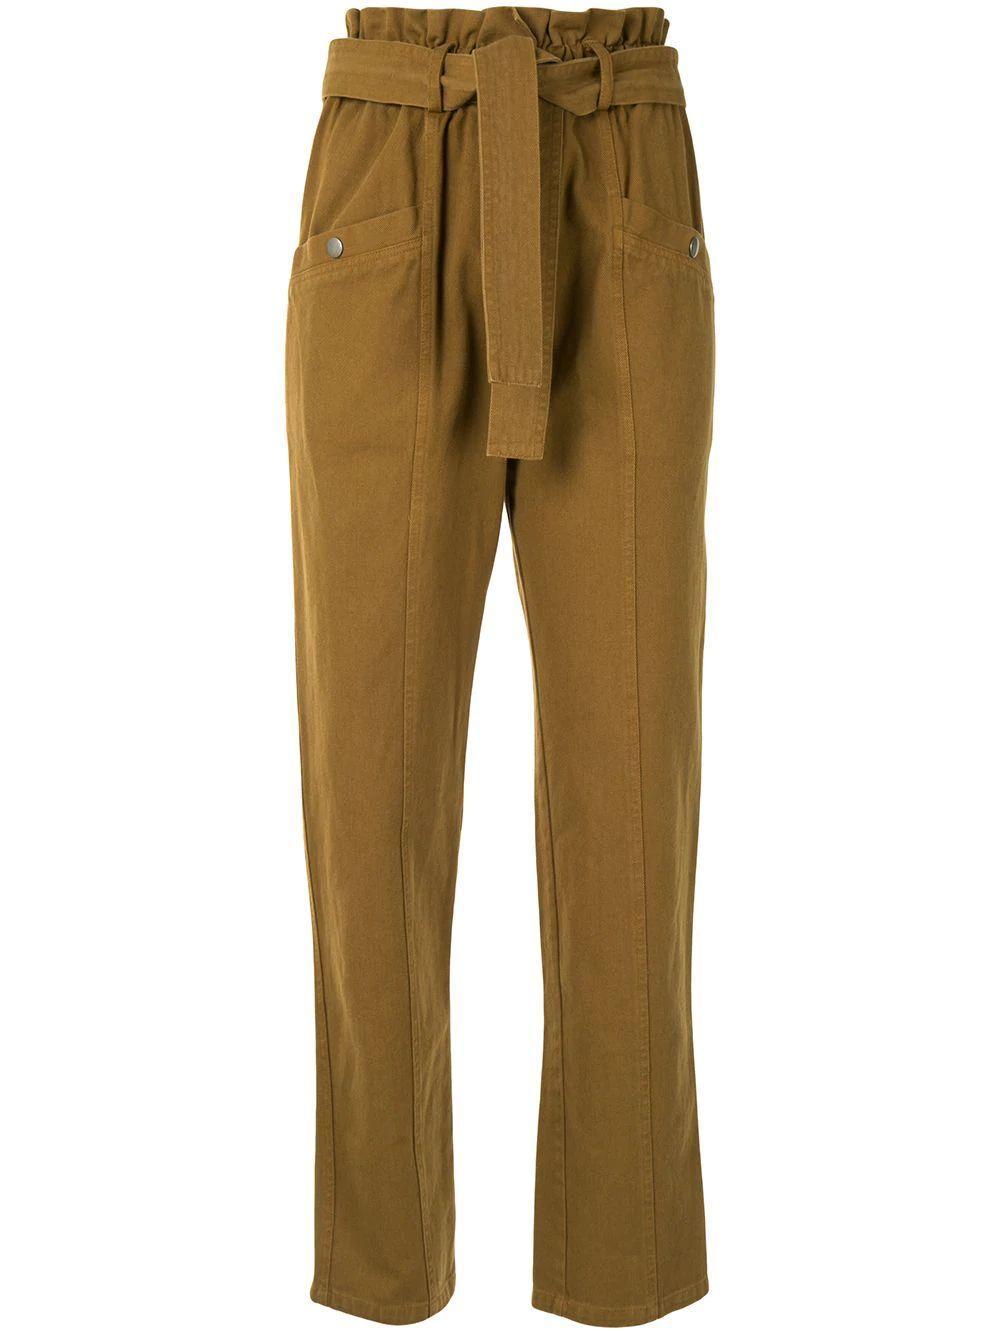 Metta Tie Waist Pants Item # AW20-73